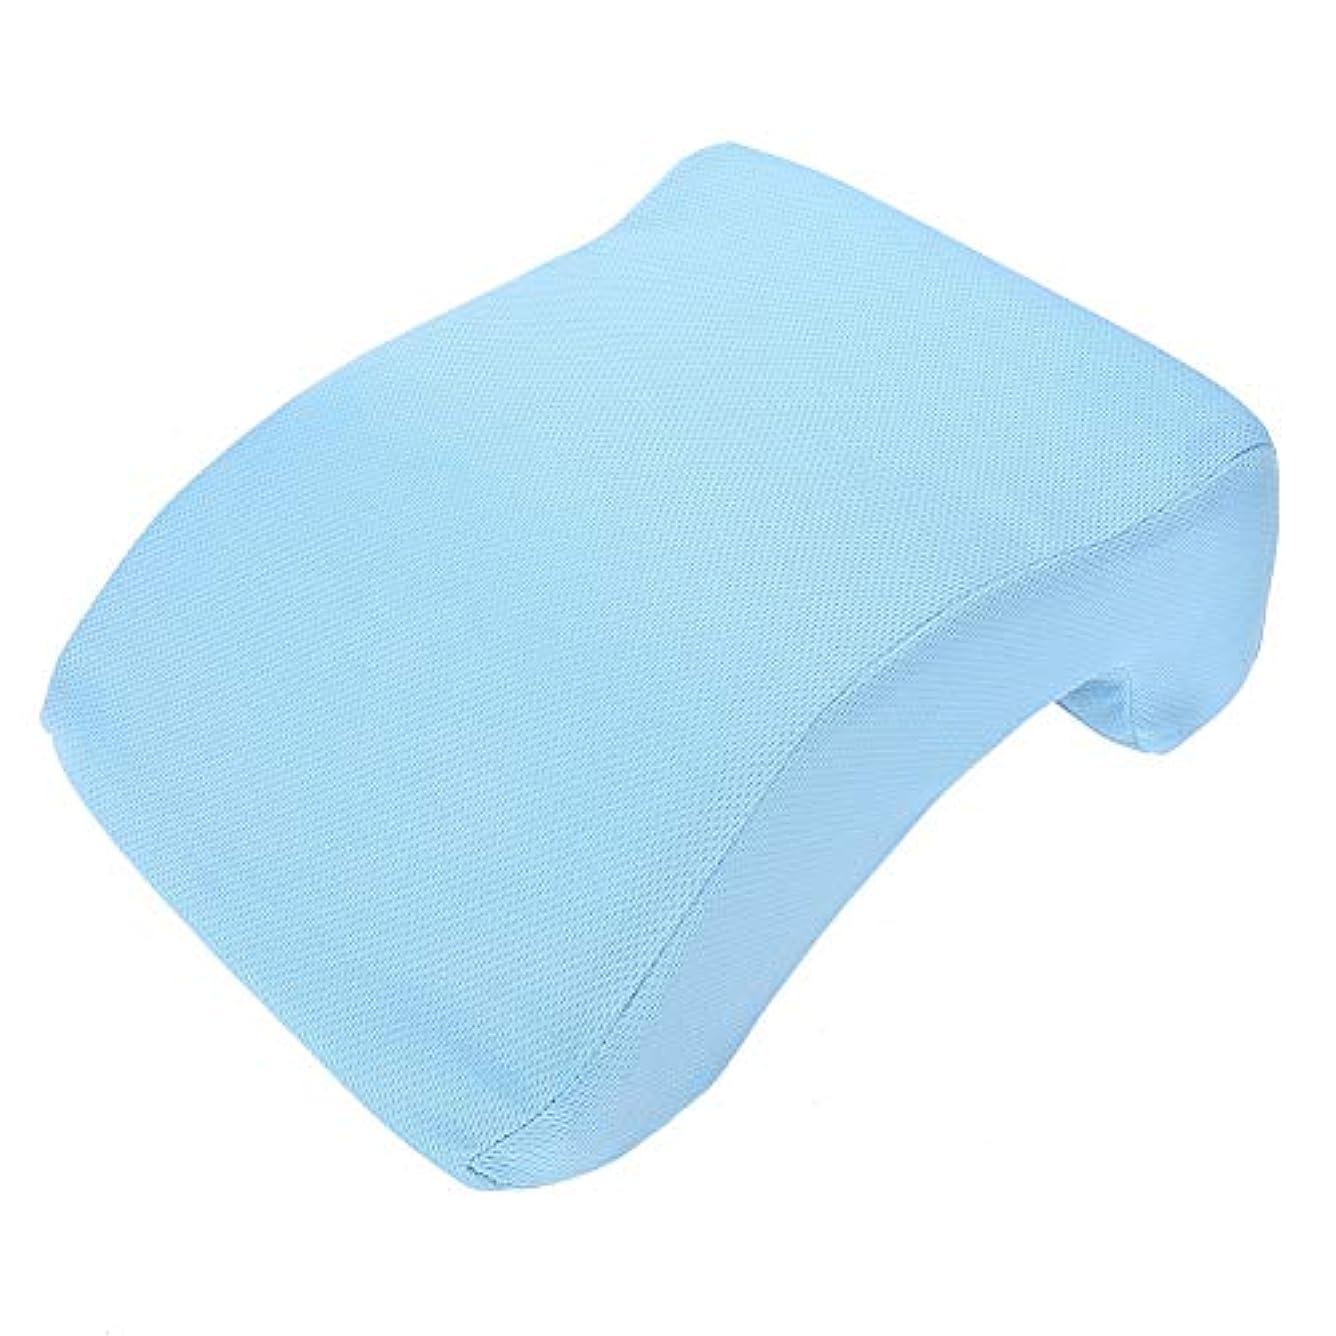 かすれた勇気のある上向き低反発まくら ピロー マッサージ枕 首?頭?肩をやさしく支える 安眠枕 快眠グッズ 柔らかい 洗えるやすい